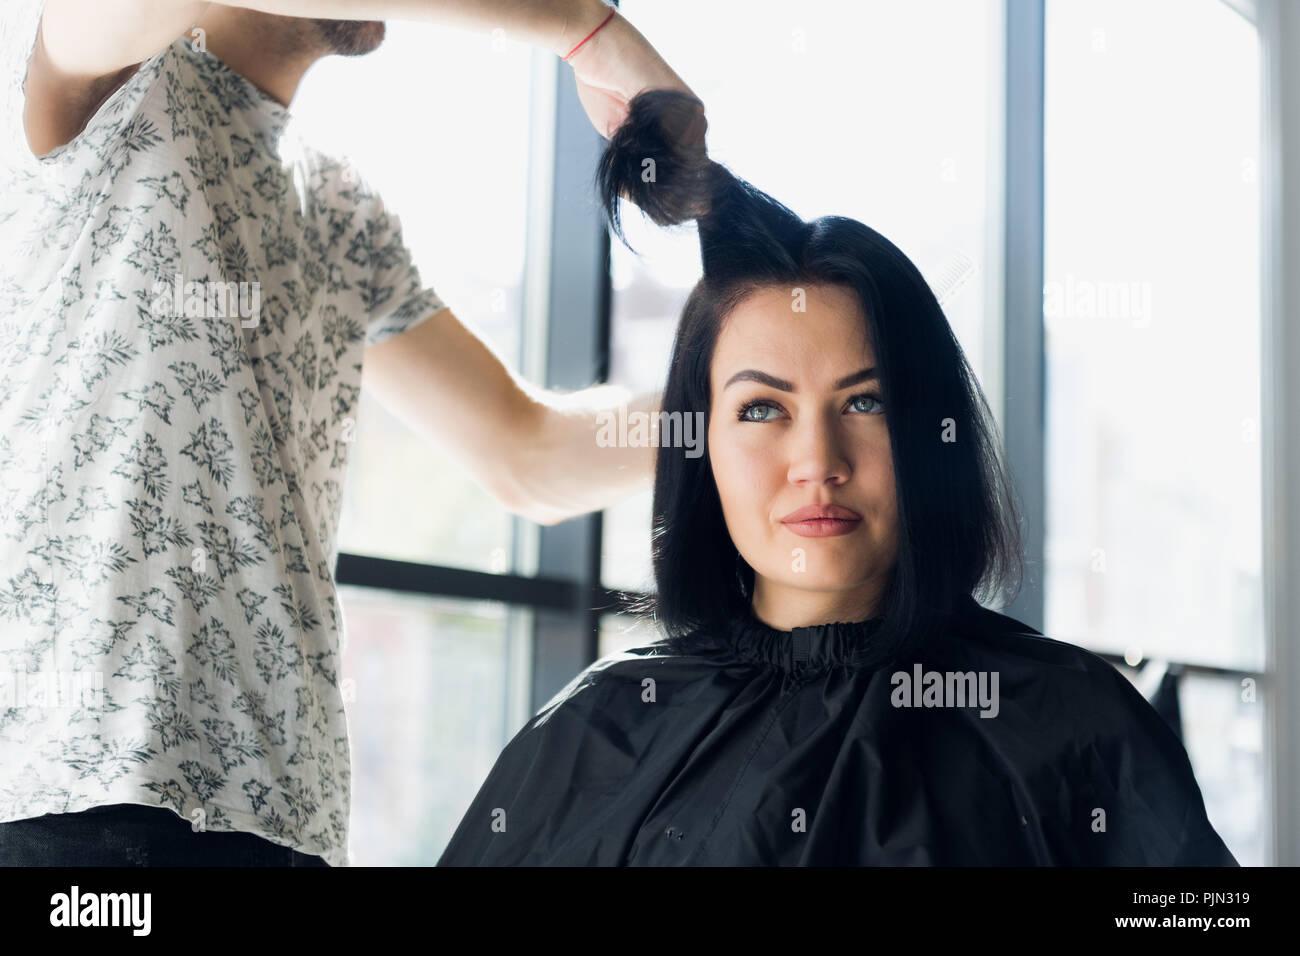 Coiffure création coiffure pour méconnaissable beautiful brunette woman Photo Stock